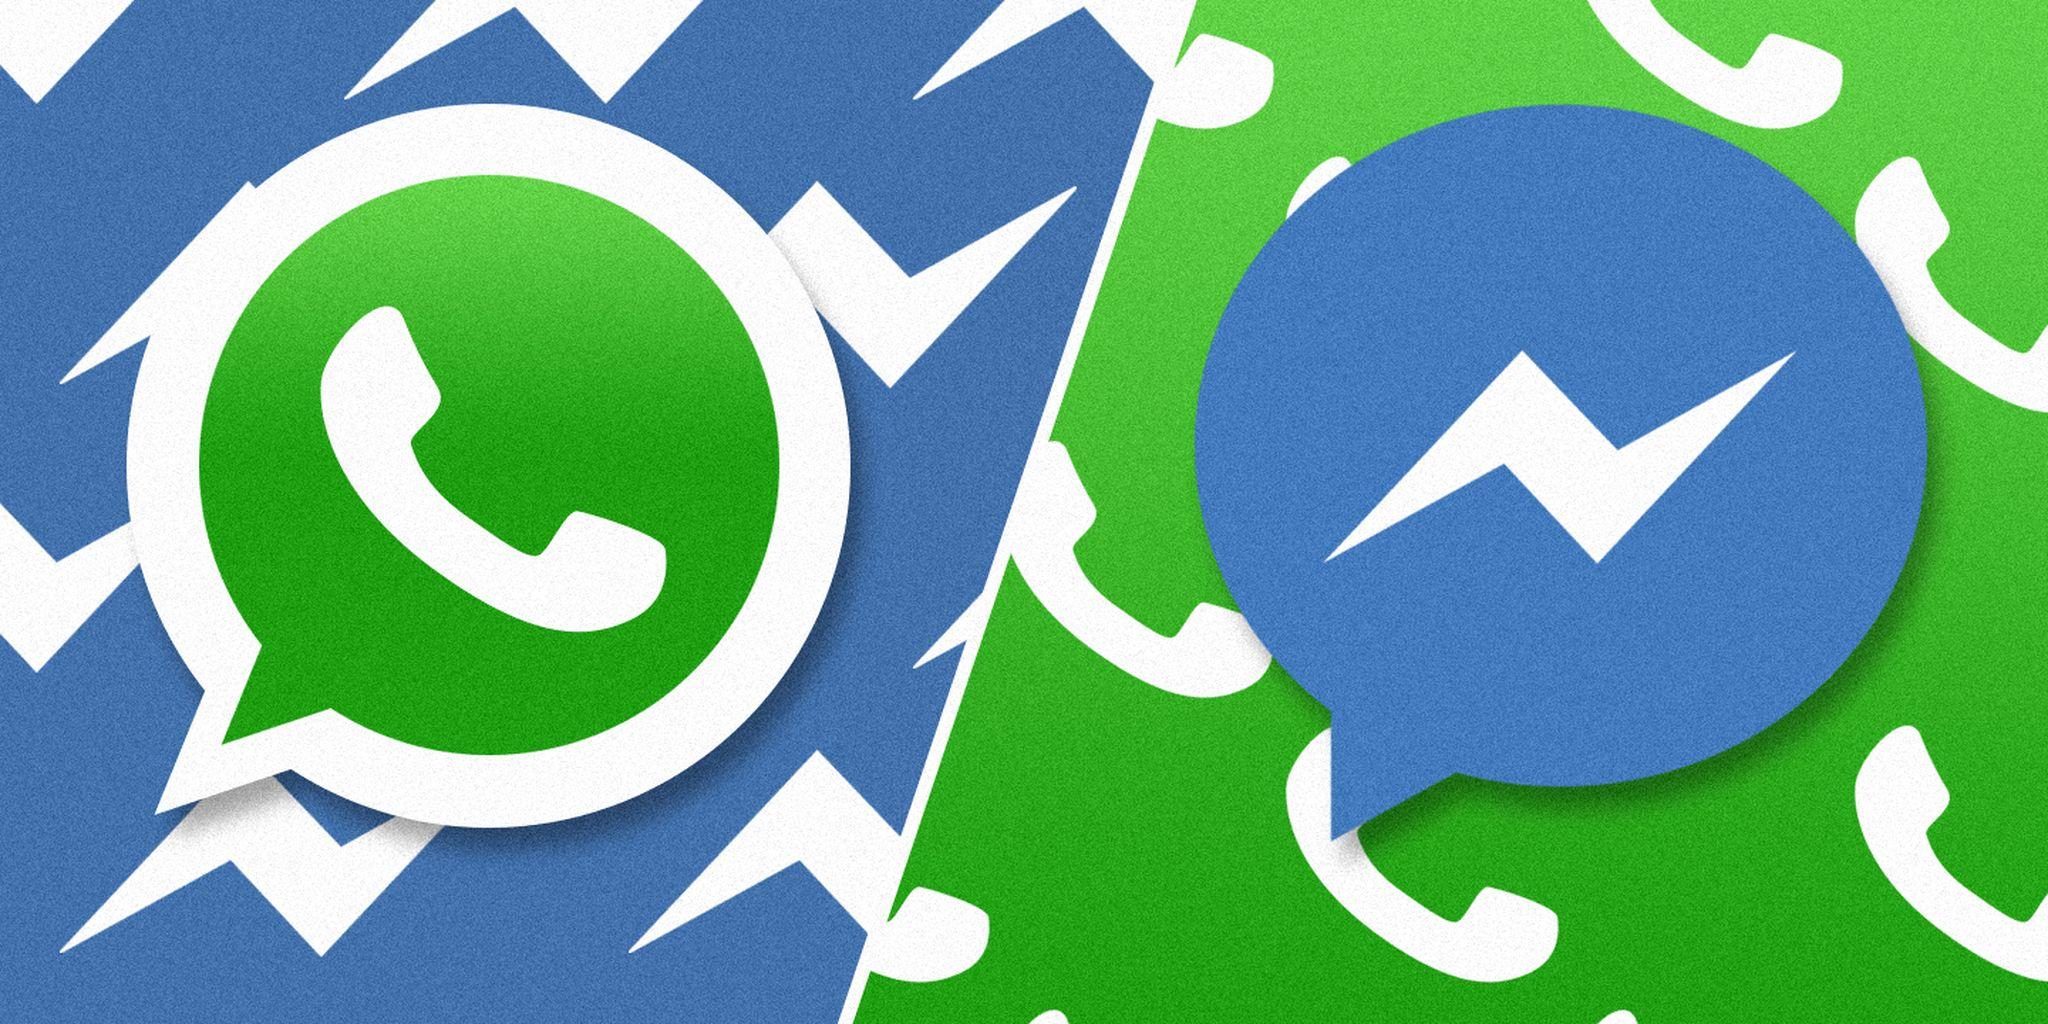 La novità di Messenger: diventerà come Whatsapp